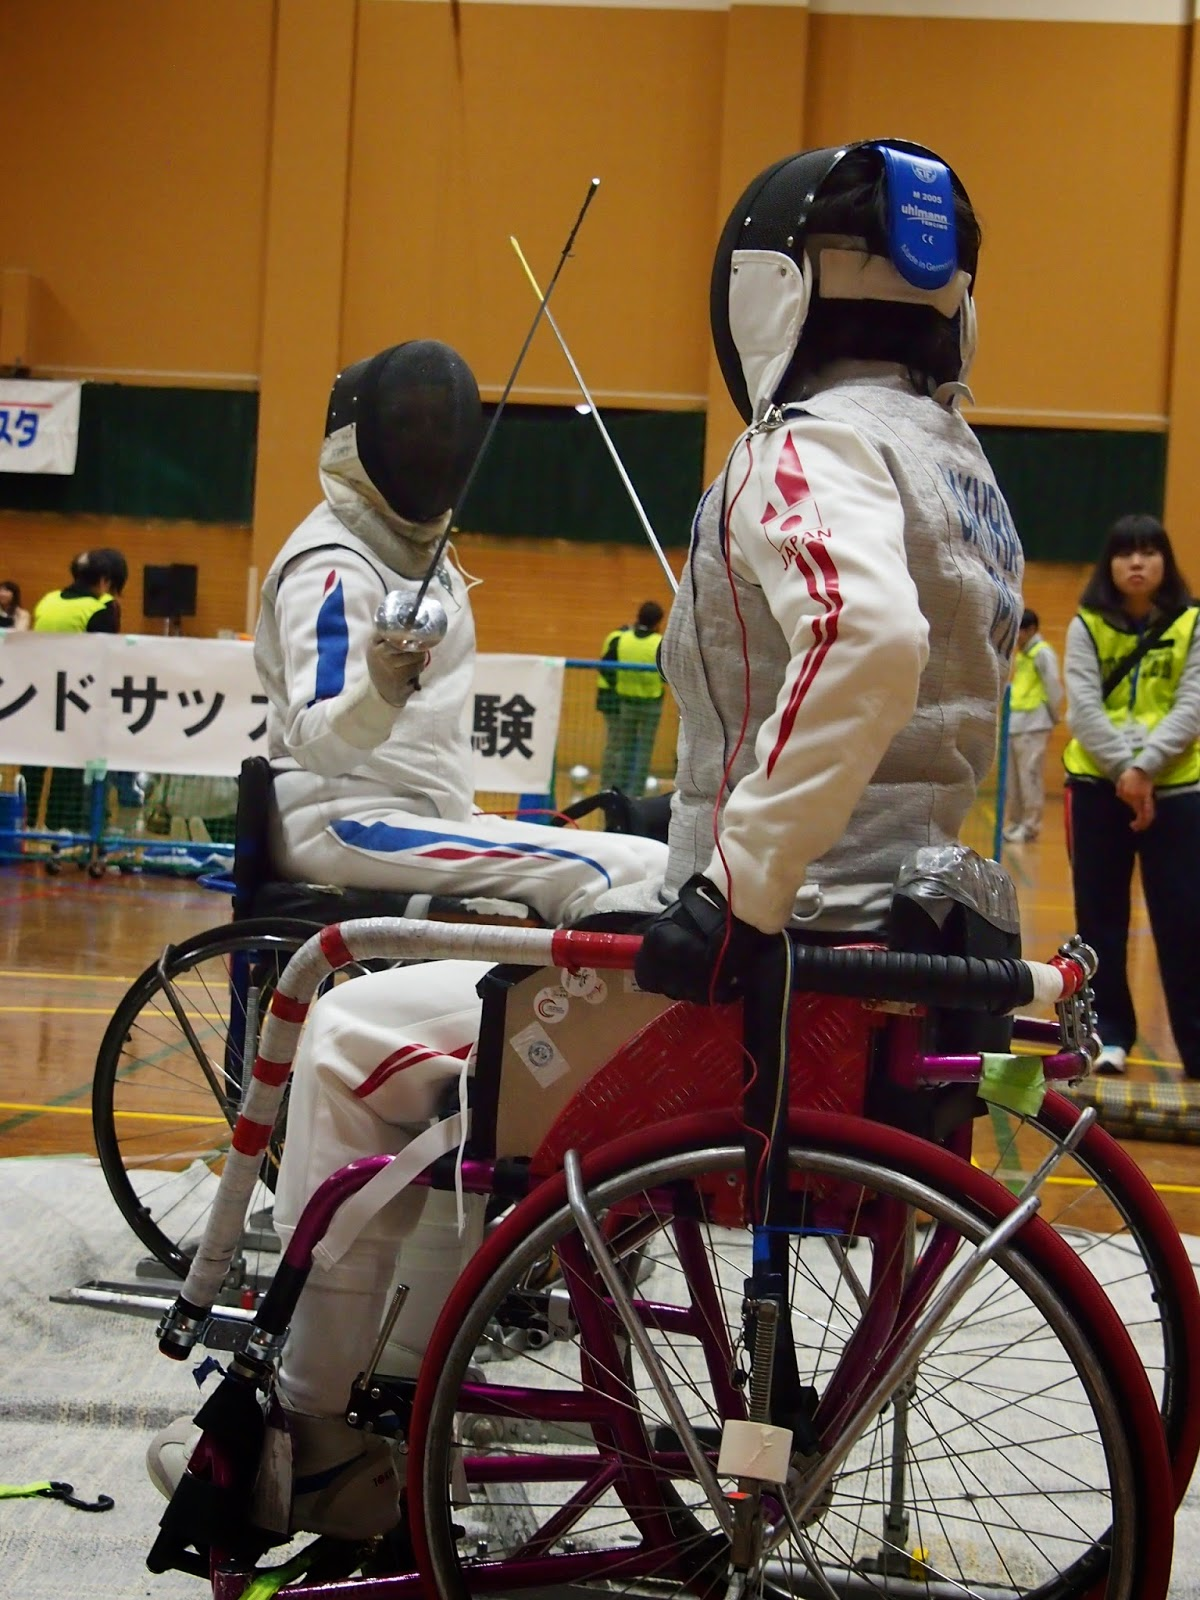 12月7日 NHKハートスポーツフェスタにて